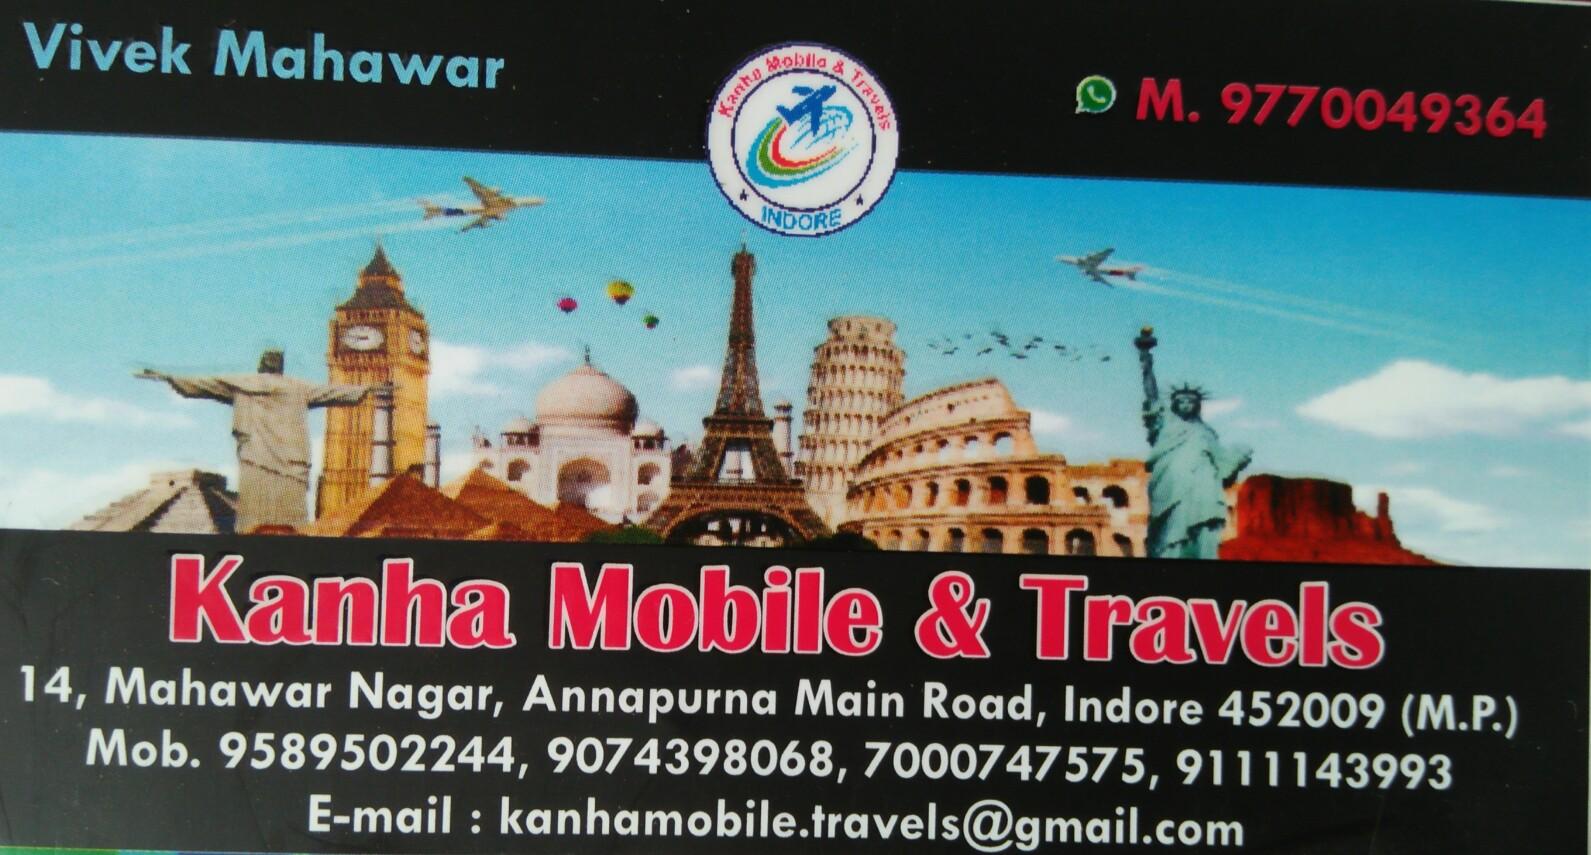 Kanha mobile